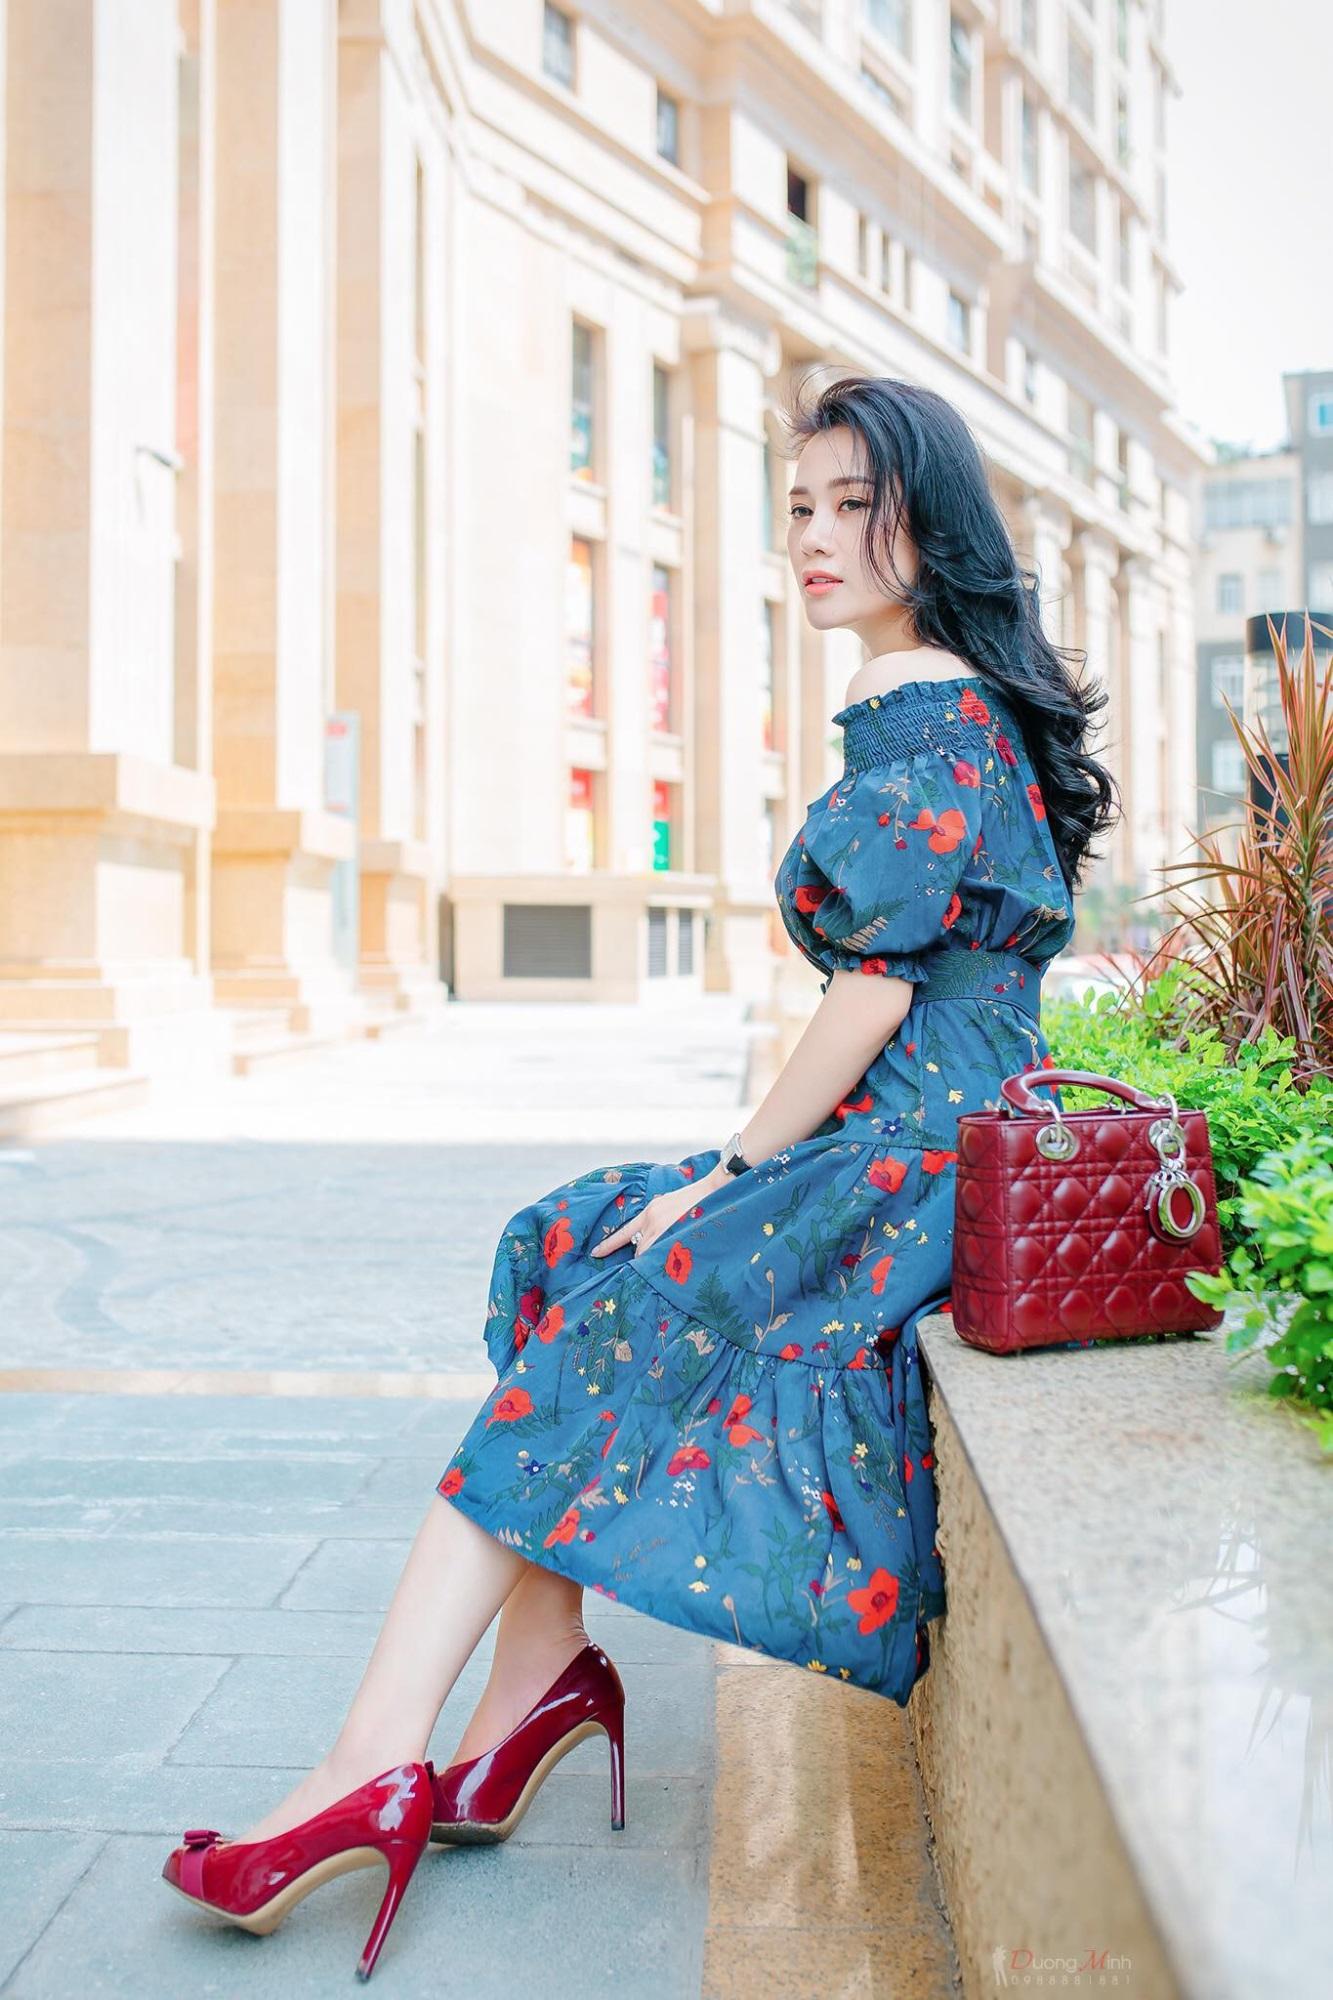 Không thua kém Ngọc Trinh, nữ chính 'Quỳnh búp bê' sành điệu với tủ đồ hiệu hàng trăm triệu đồng - Ảnh 12